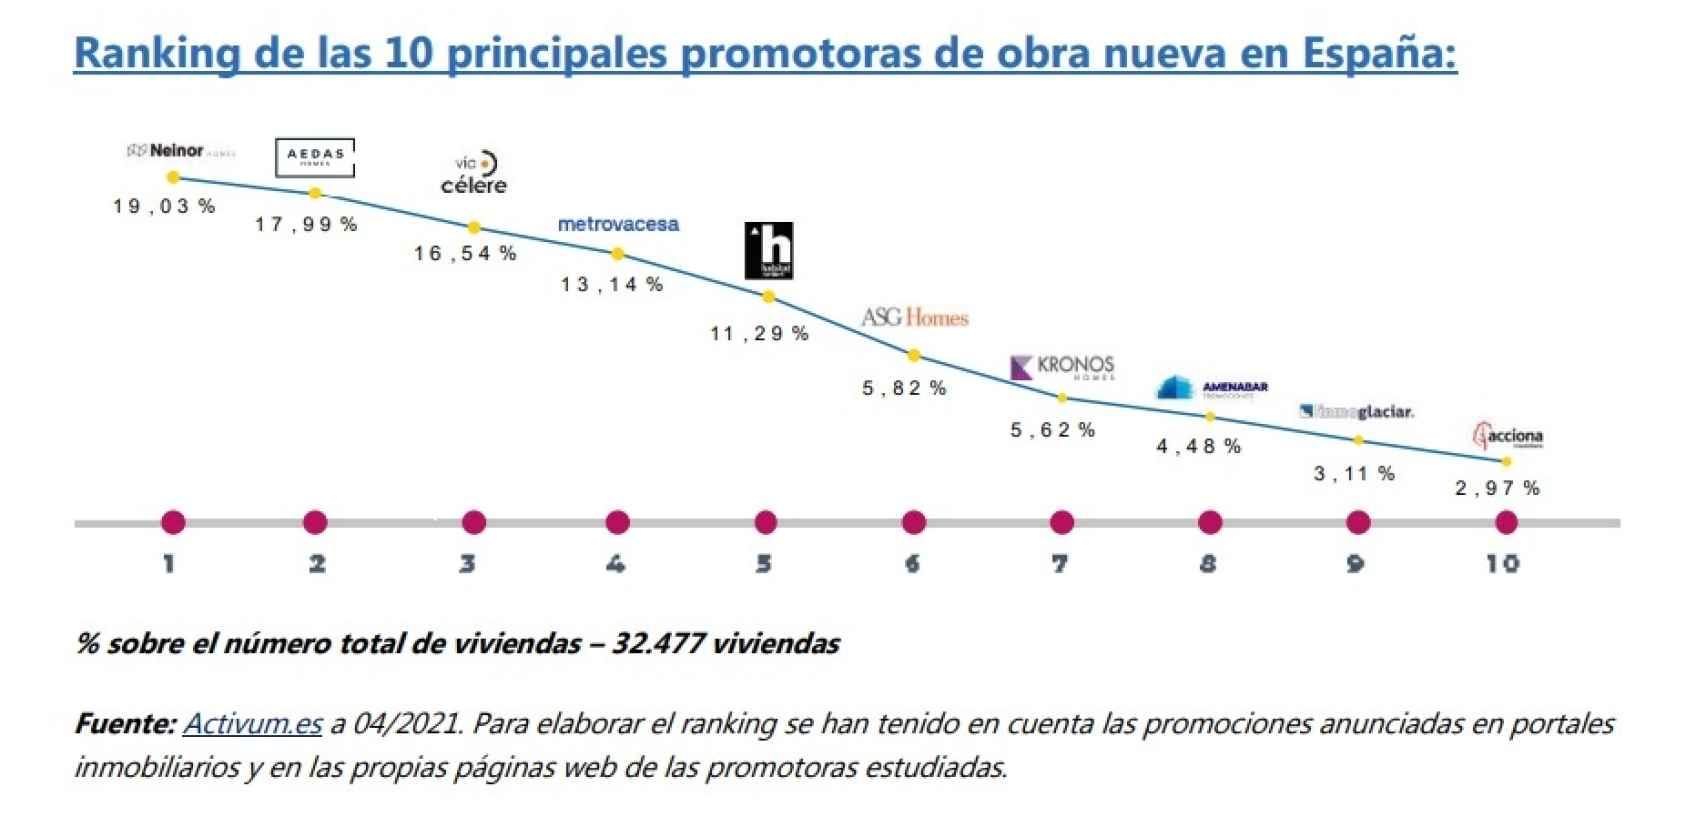 Ranking de las 10 principales promotoras en España.